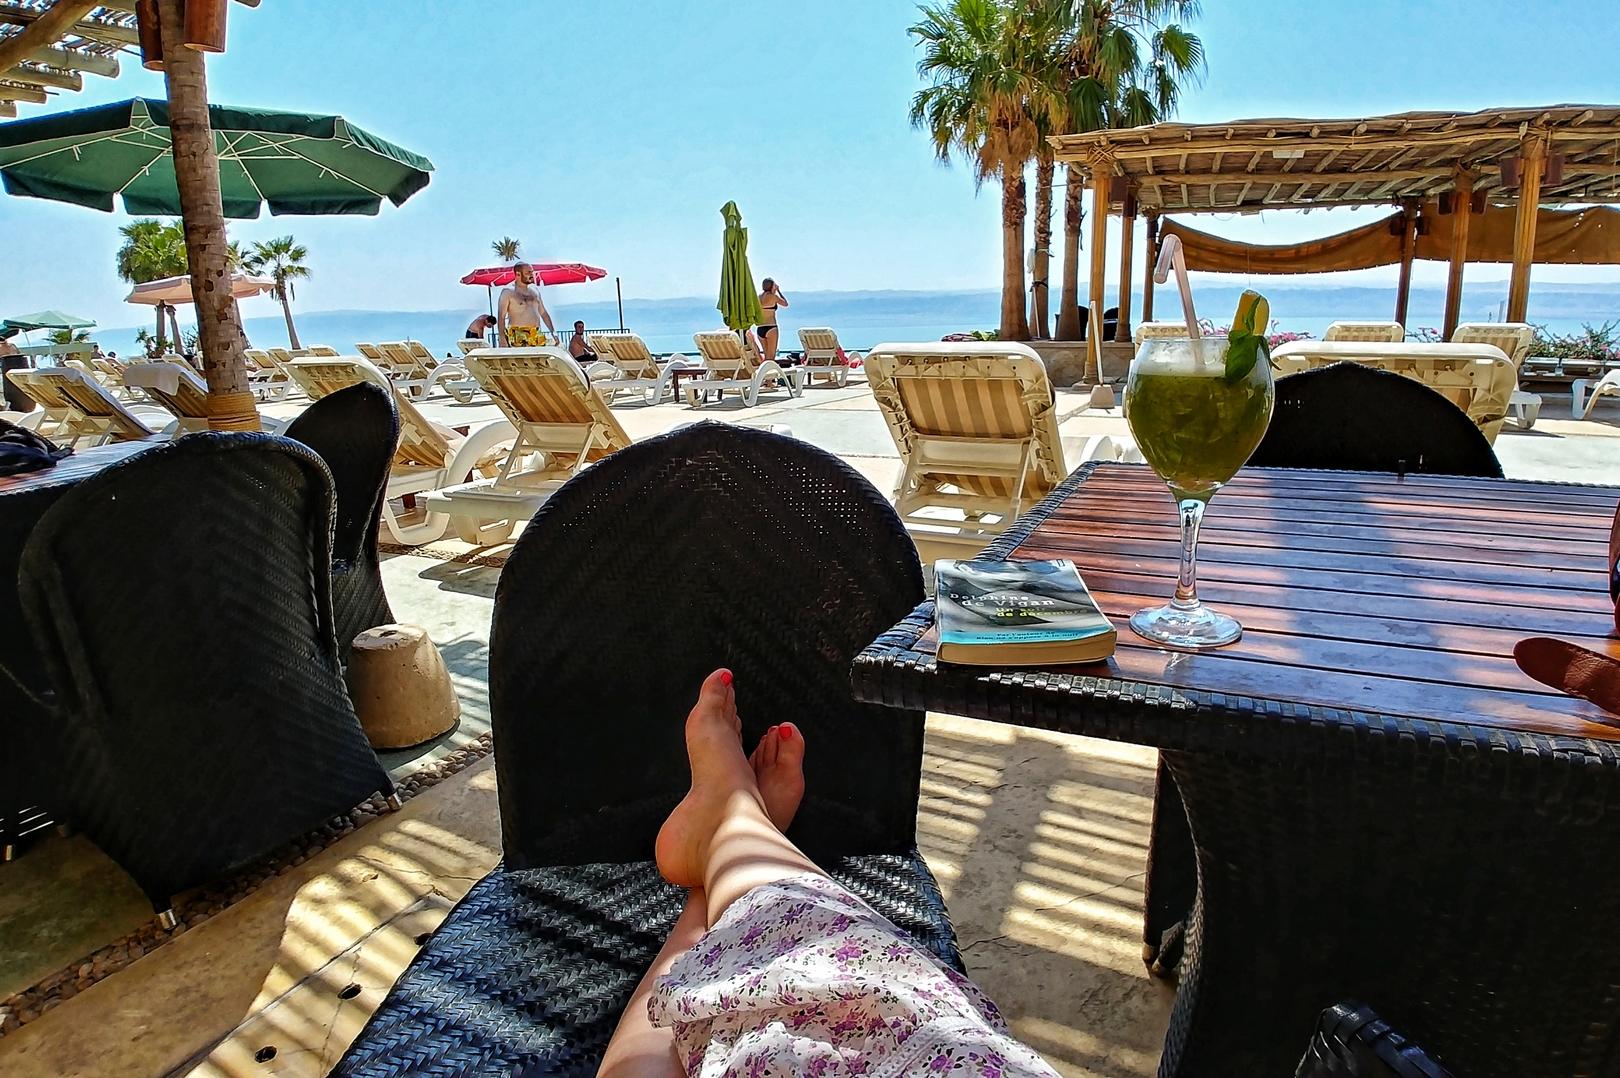 Jordanie - Pause au bord de la mer morte